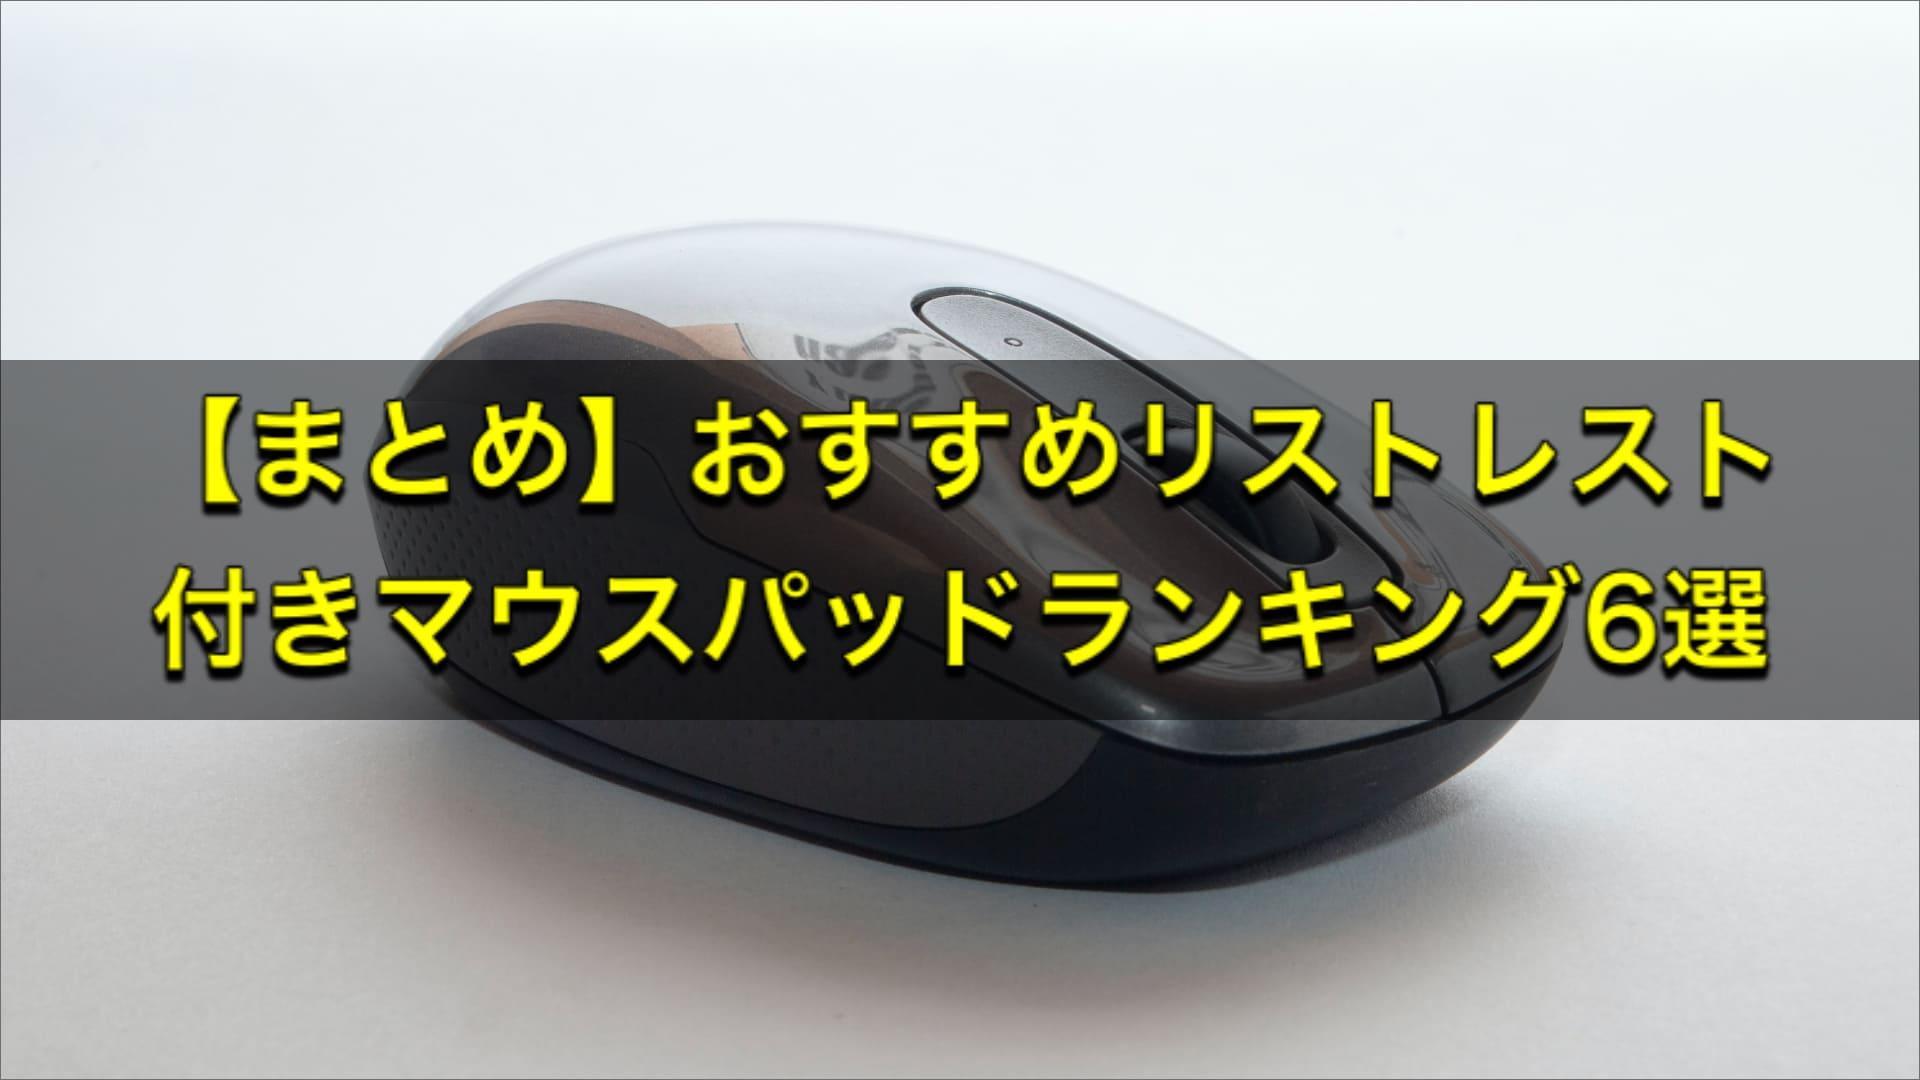 【まとめ】おすすめリストレスト付きマウスパッドランキング6選【手首の痛みから卒業しよう】